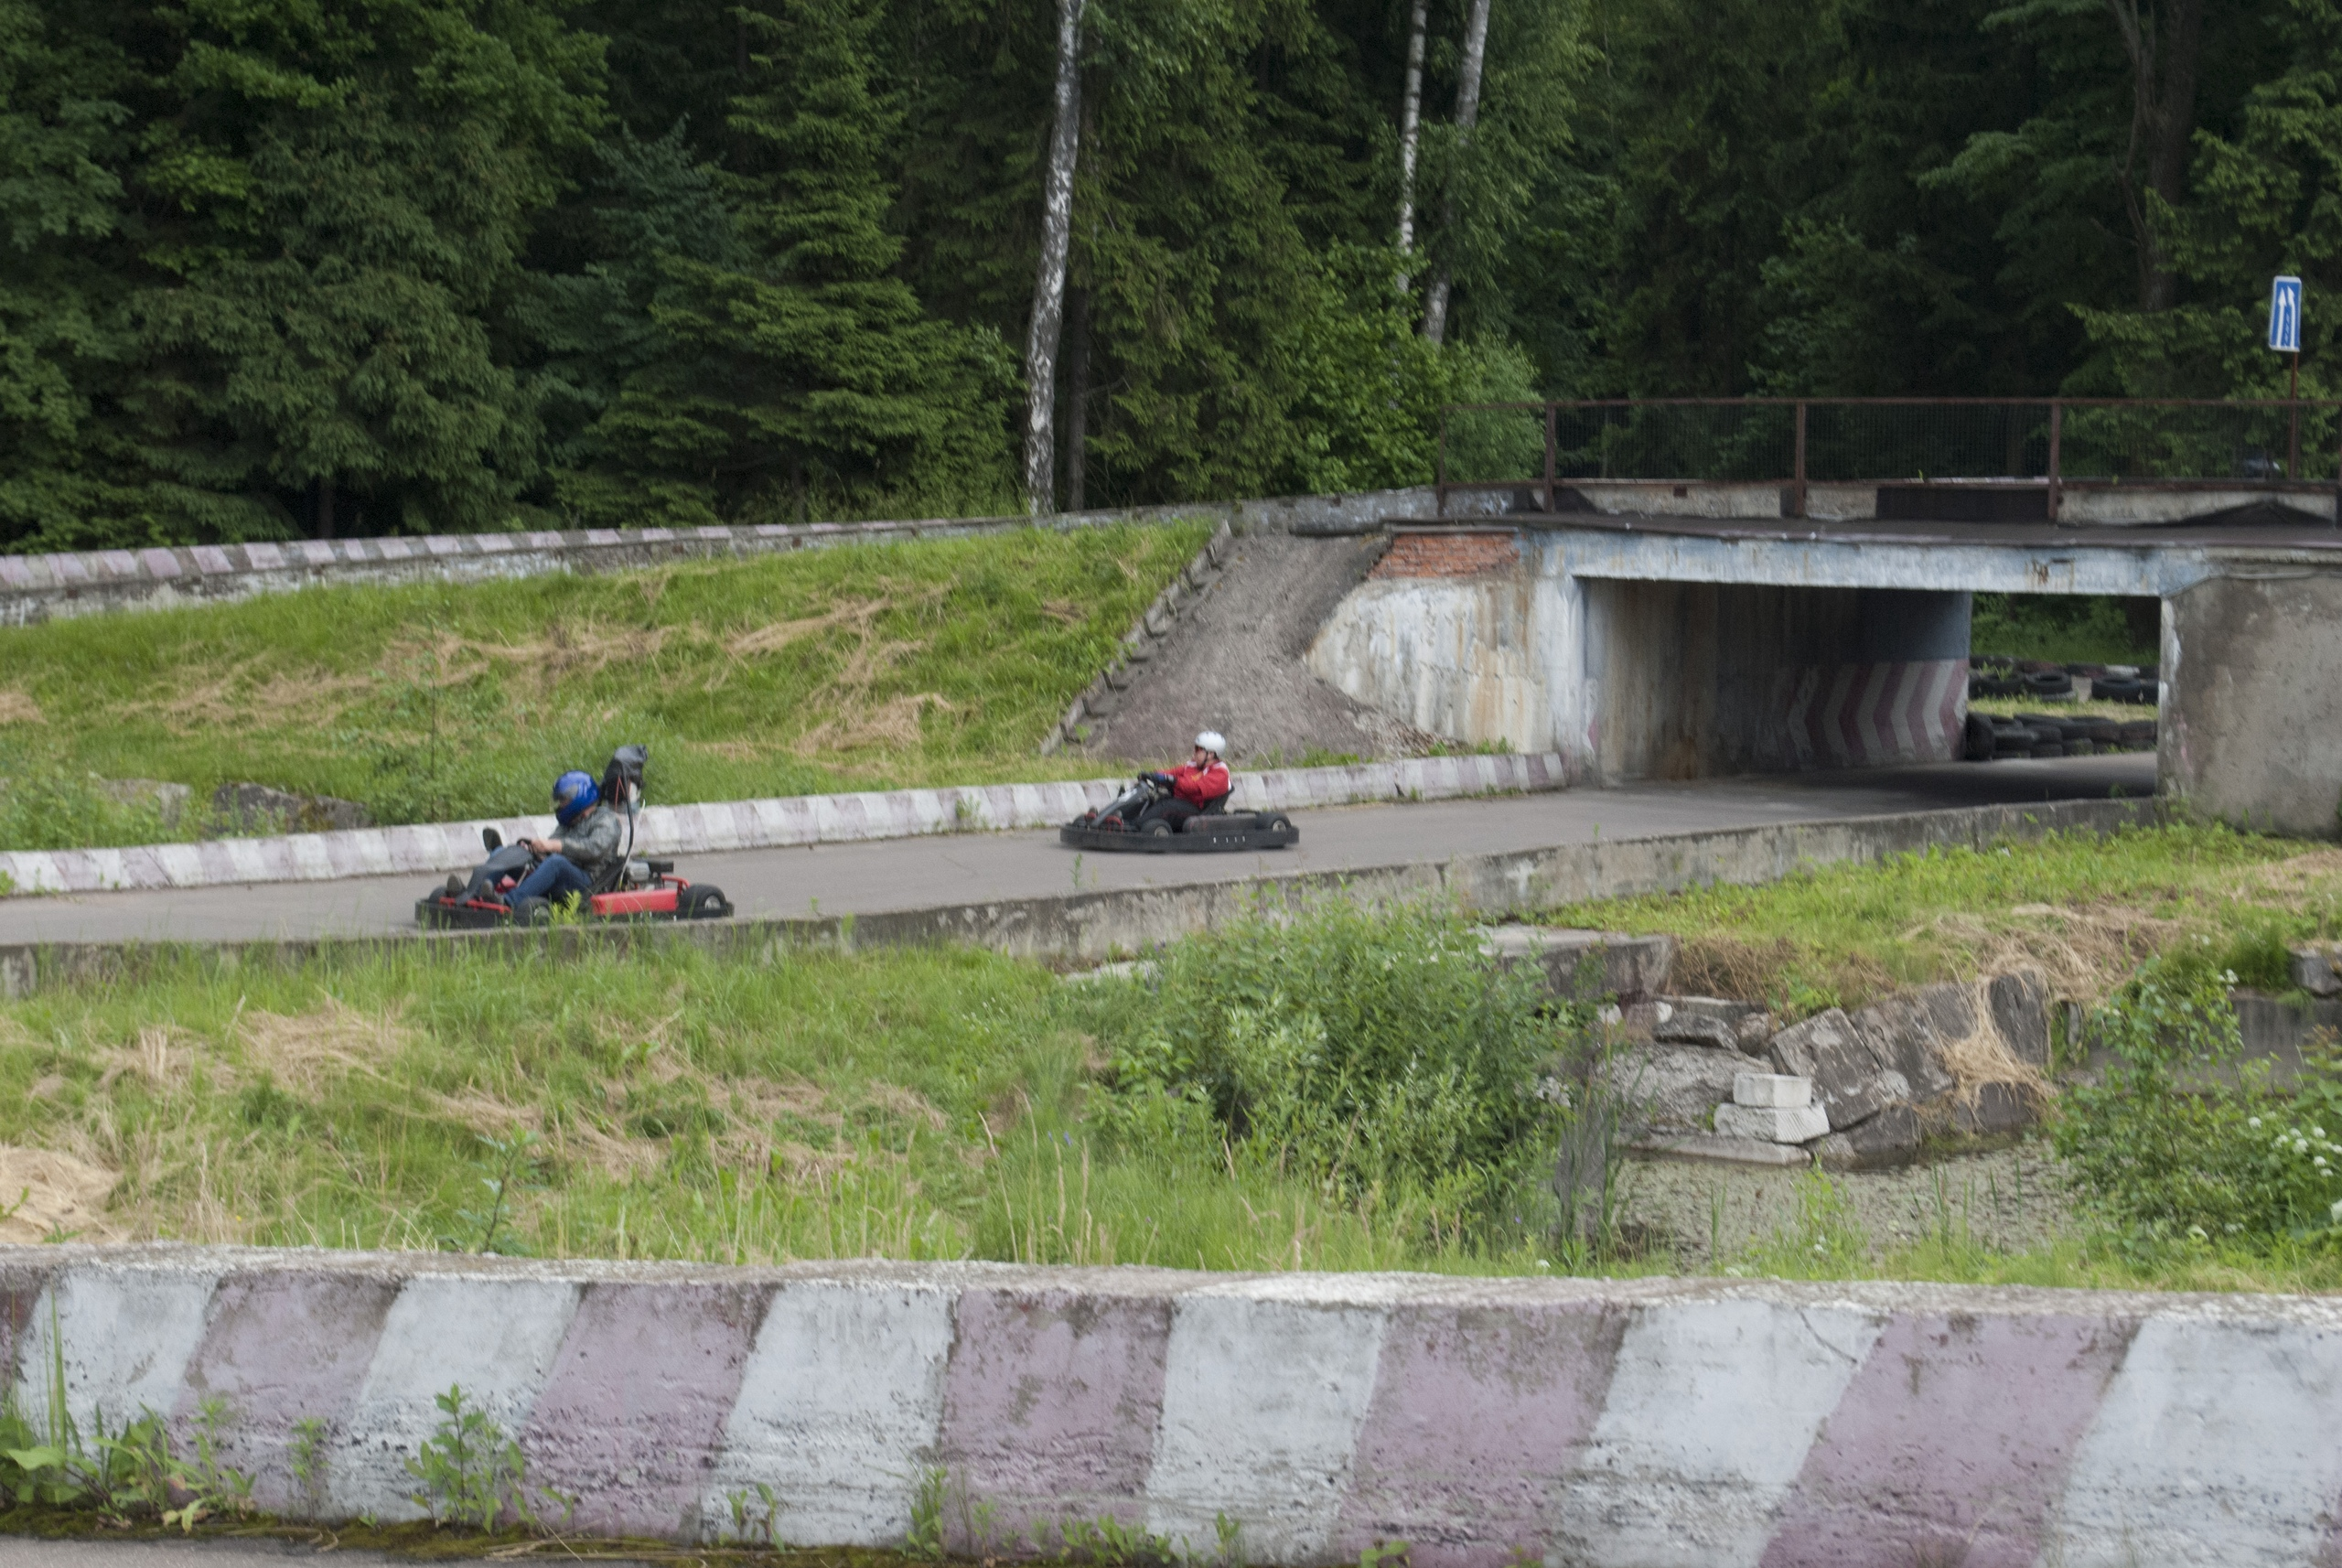 Павел Дрёмин и Андрей Заяц. В процессе езды по треку, вылетают из последнего туннеля на треке. Вид сбоку.